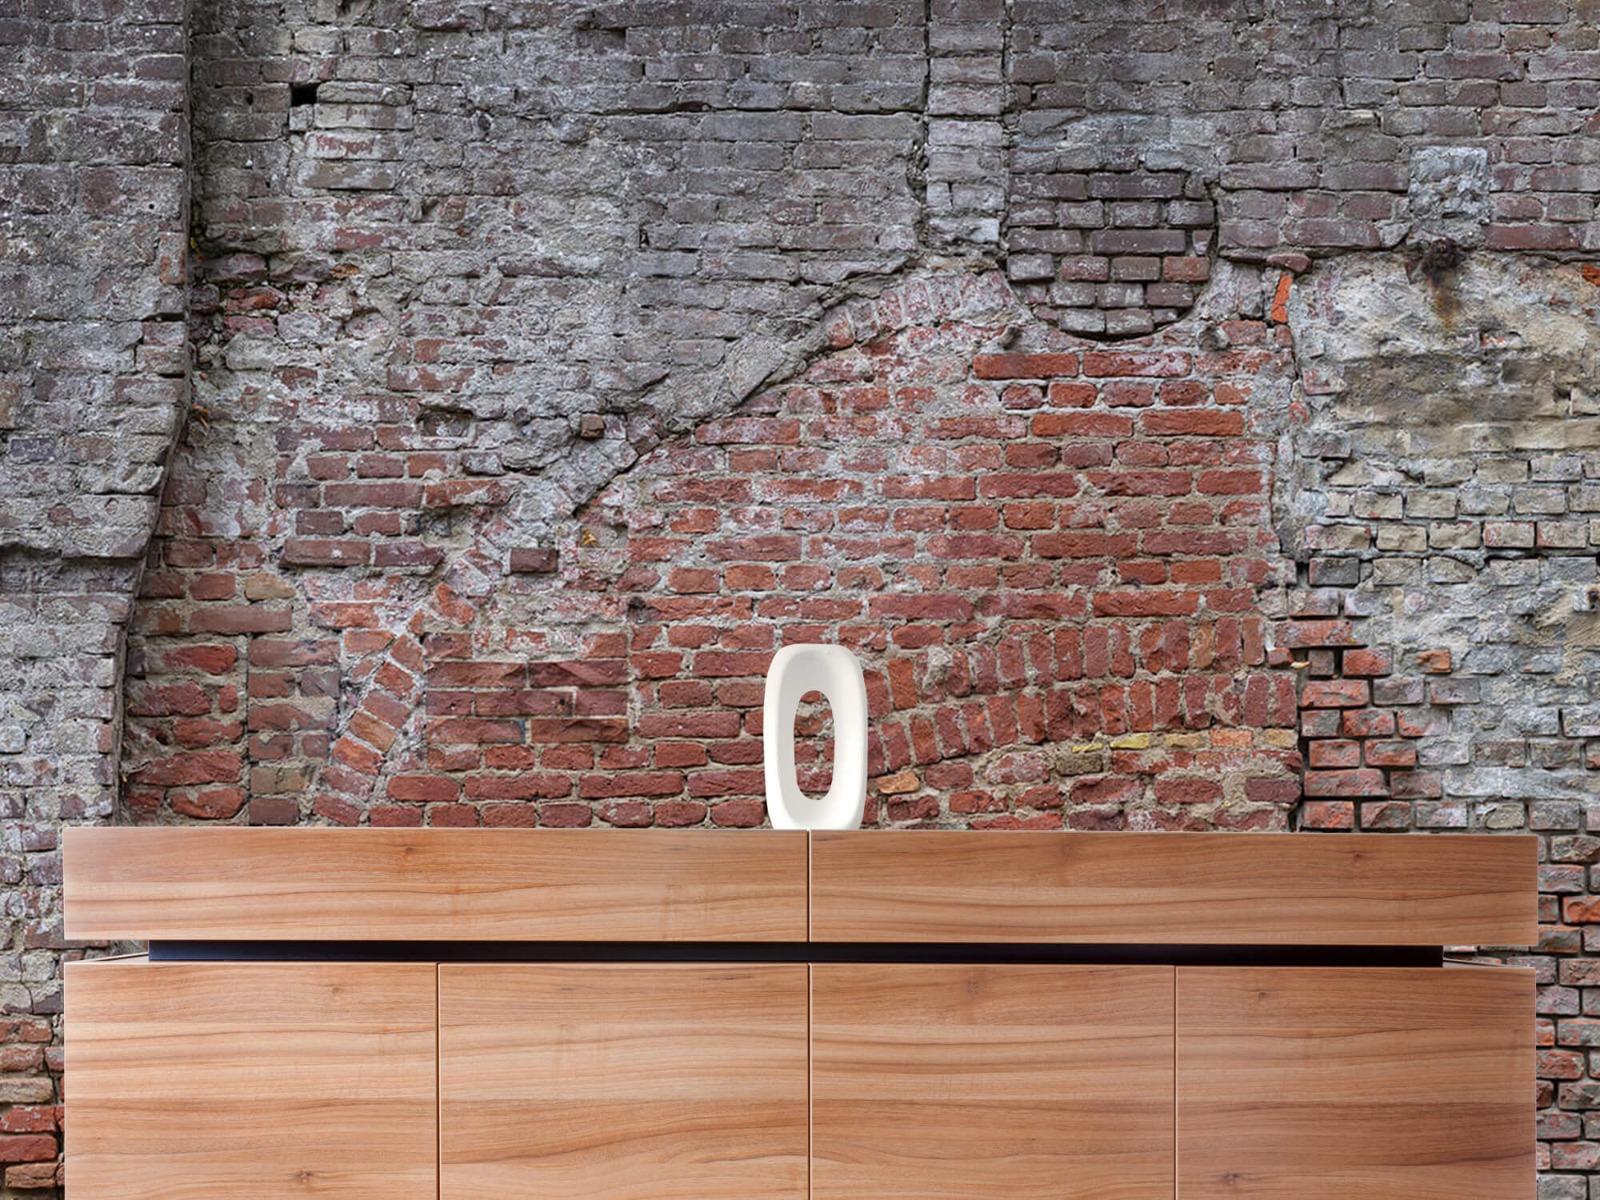 Steen behang - Oude herstelde stadsmuur - Tienerkamer 20